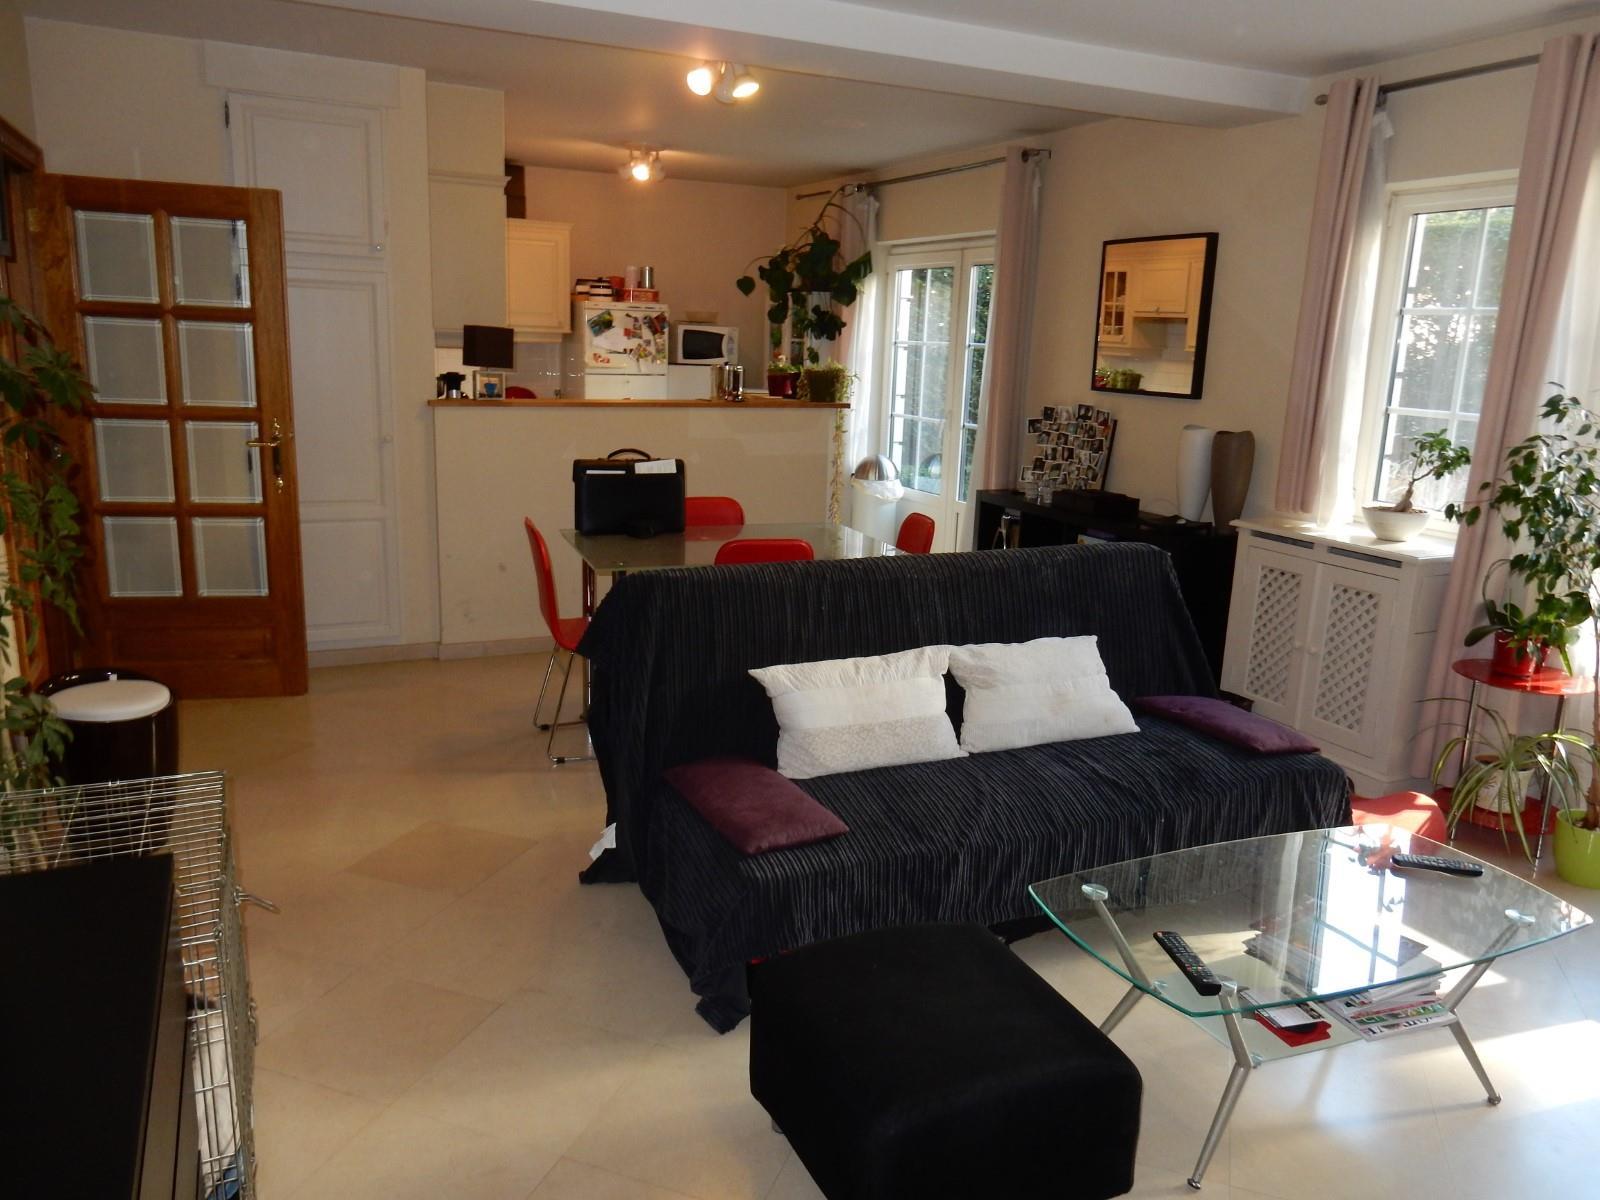 Gelijkvloerse verdieping - Woluwe-Saint-Pierre - #2905684-3